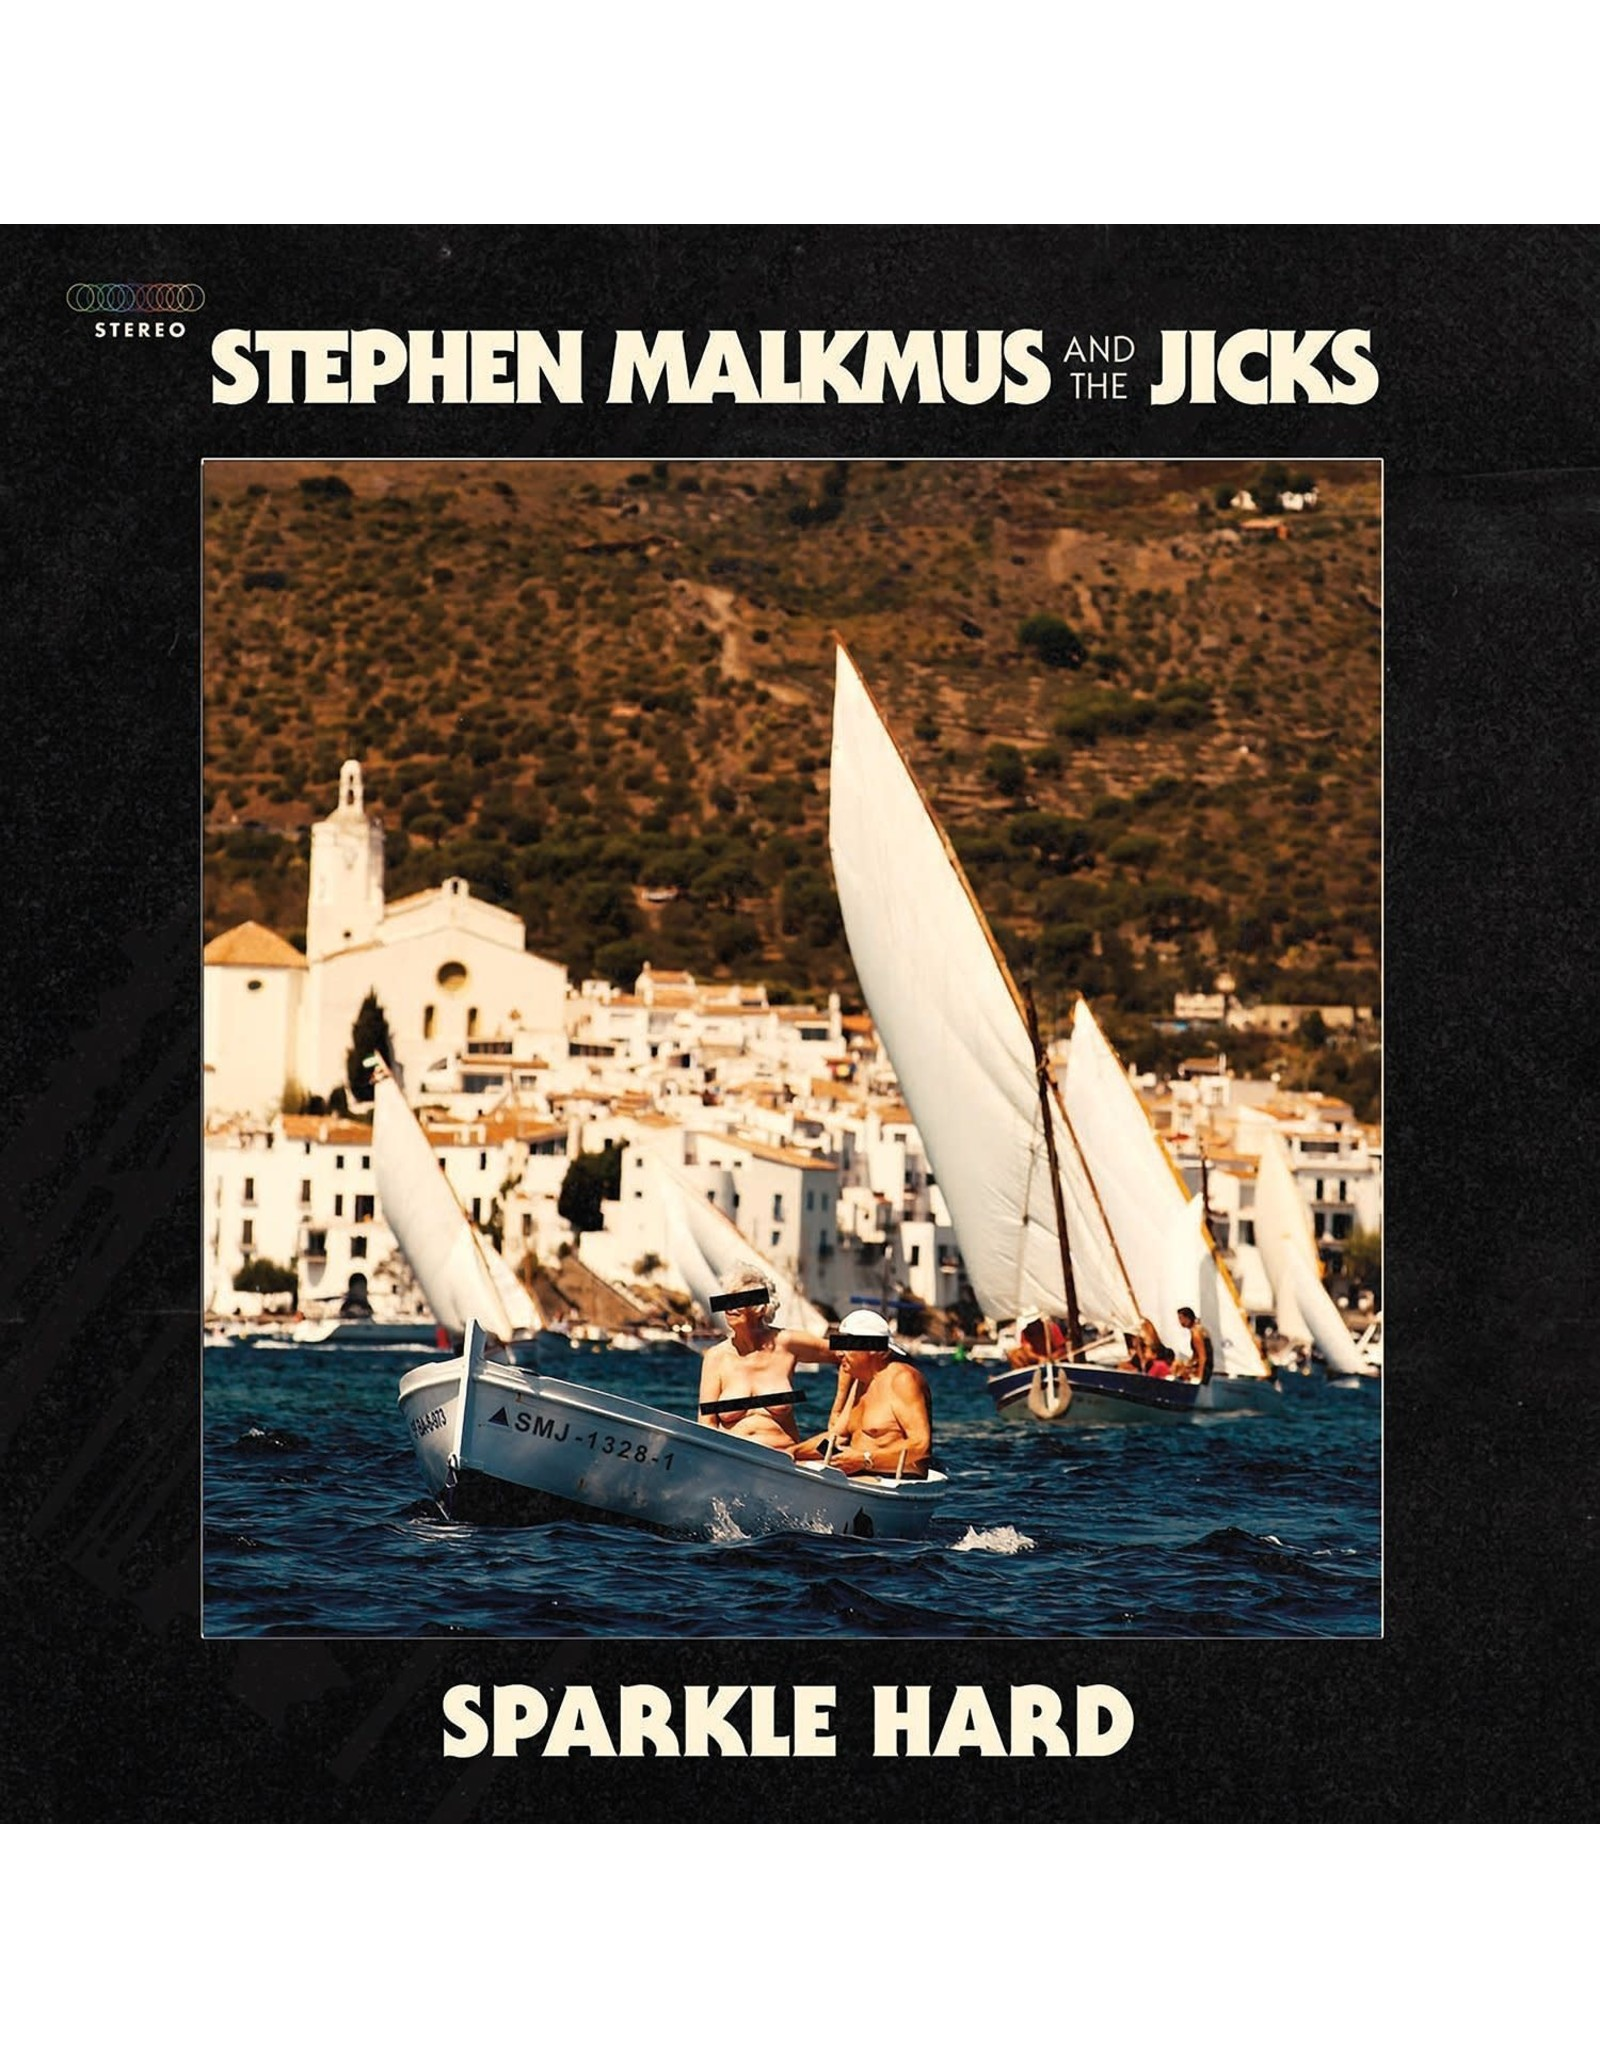 Malkmus, Stephen - Sparkle Hard LP